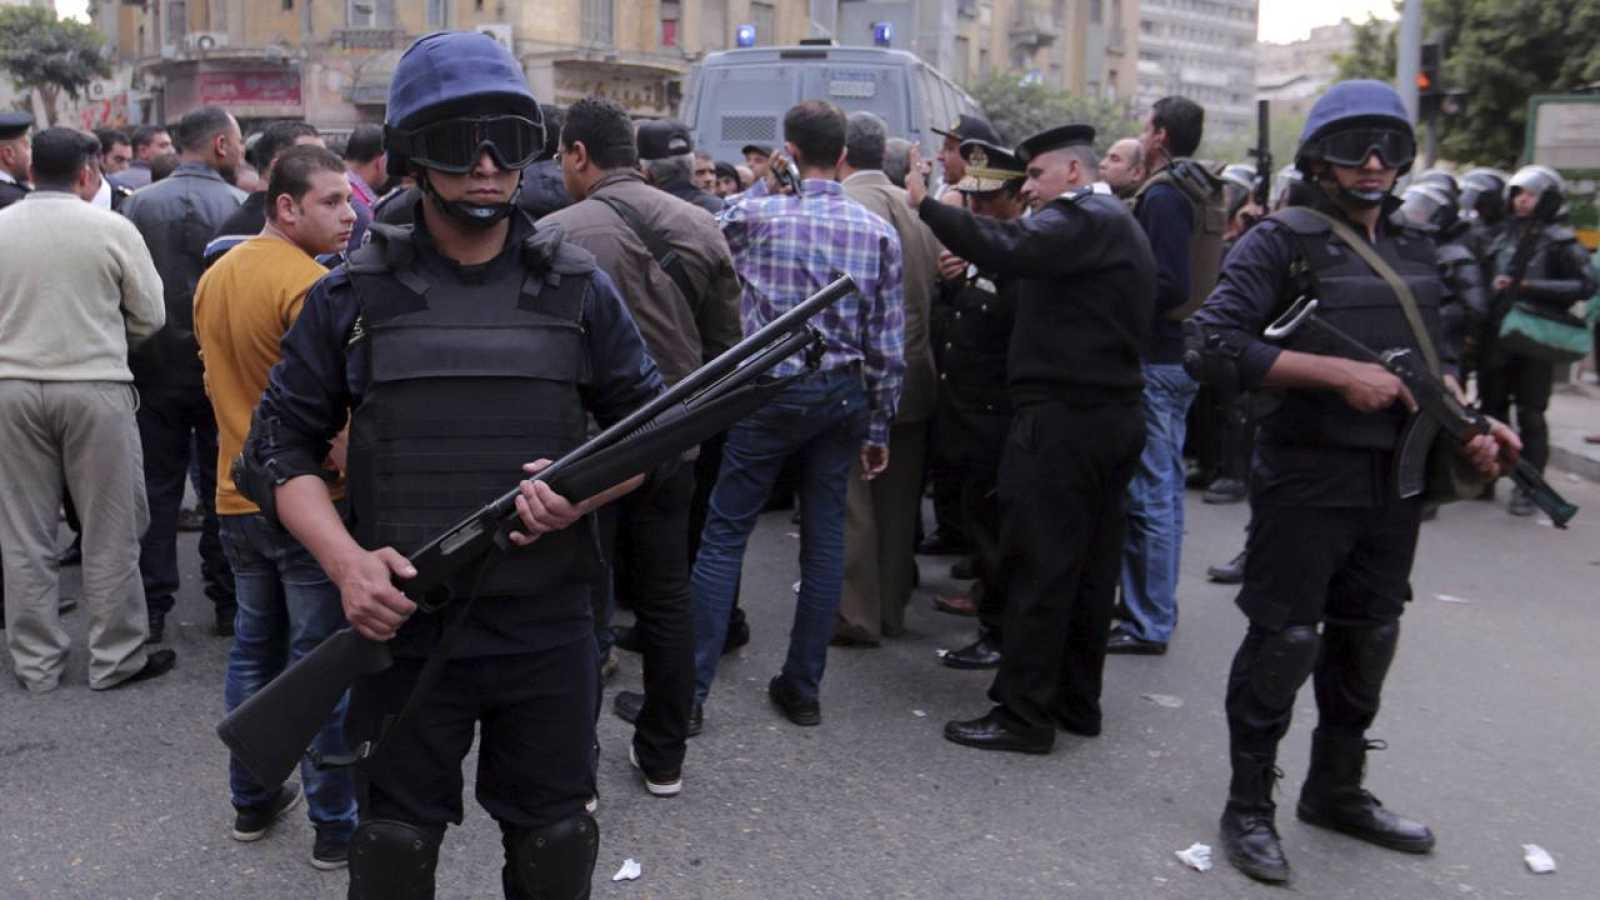 TERCER ANIVERSARIO DE LAS PROTESTAS PREVIAS A LA PRIMAVERA ÁRABE EGIPCIA